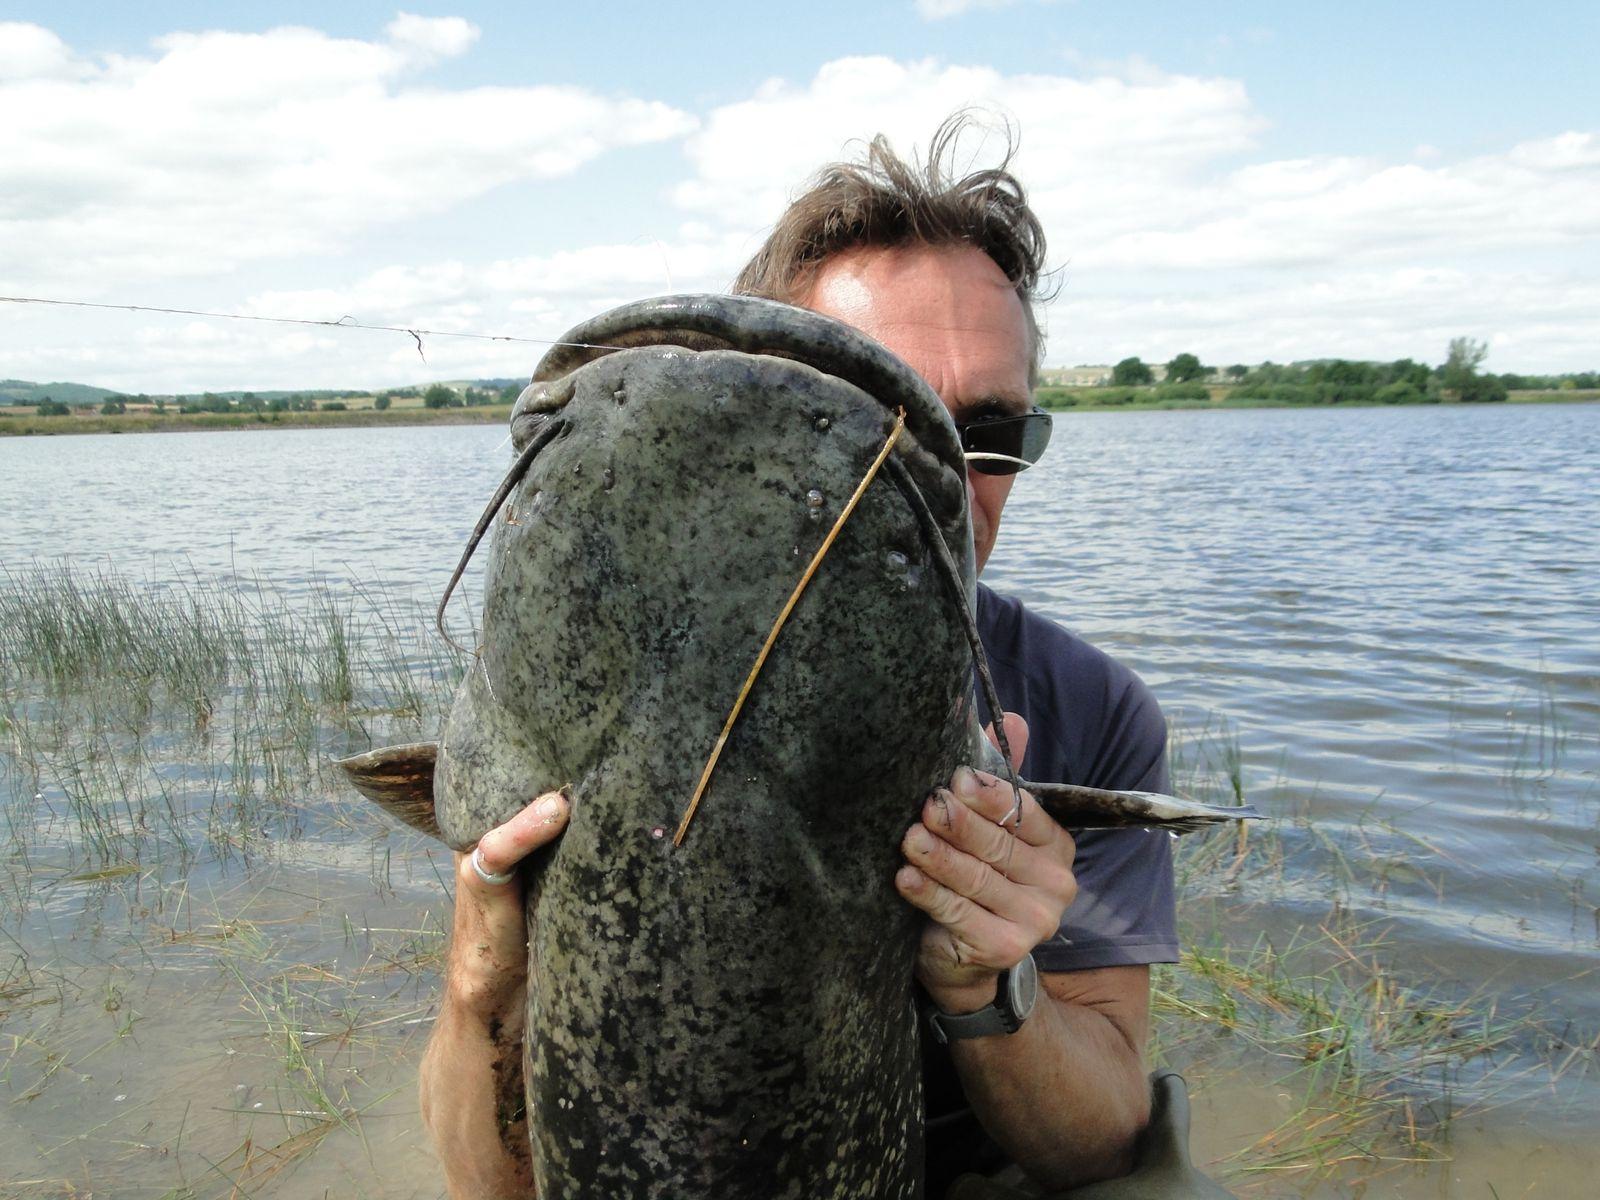 la fabuleuse histoire des fabuleux pêcheurs des fabuleux silures (3)